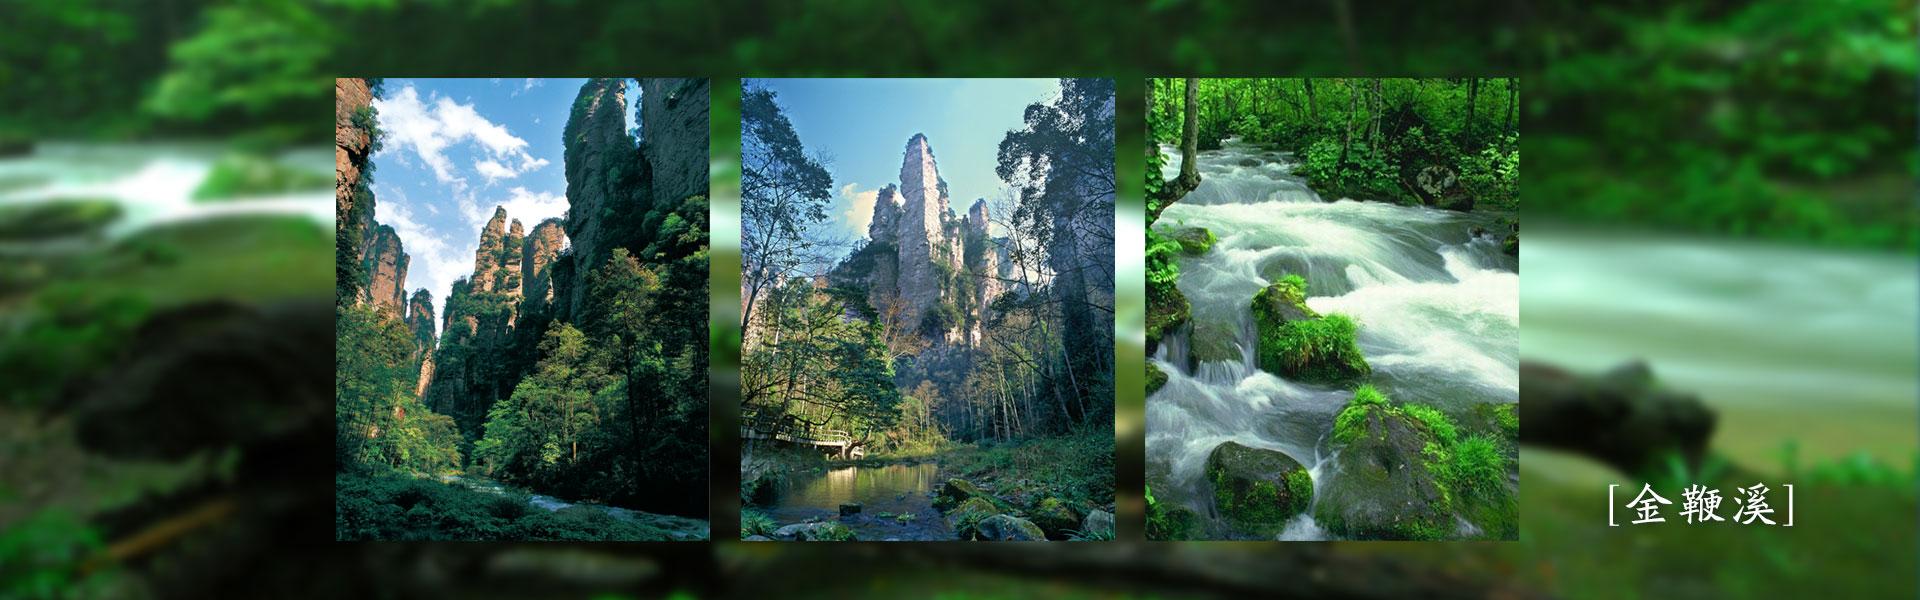 金鞭溪-最美丽的峡谷